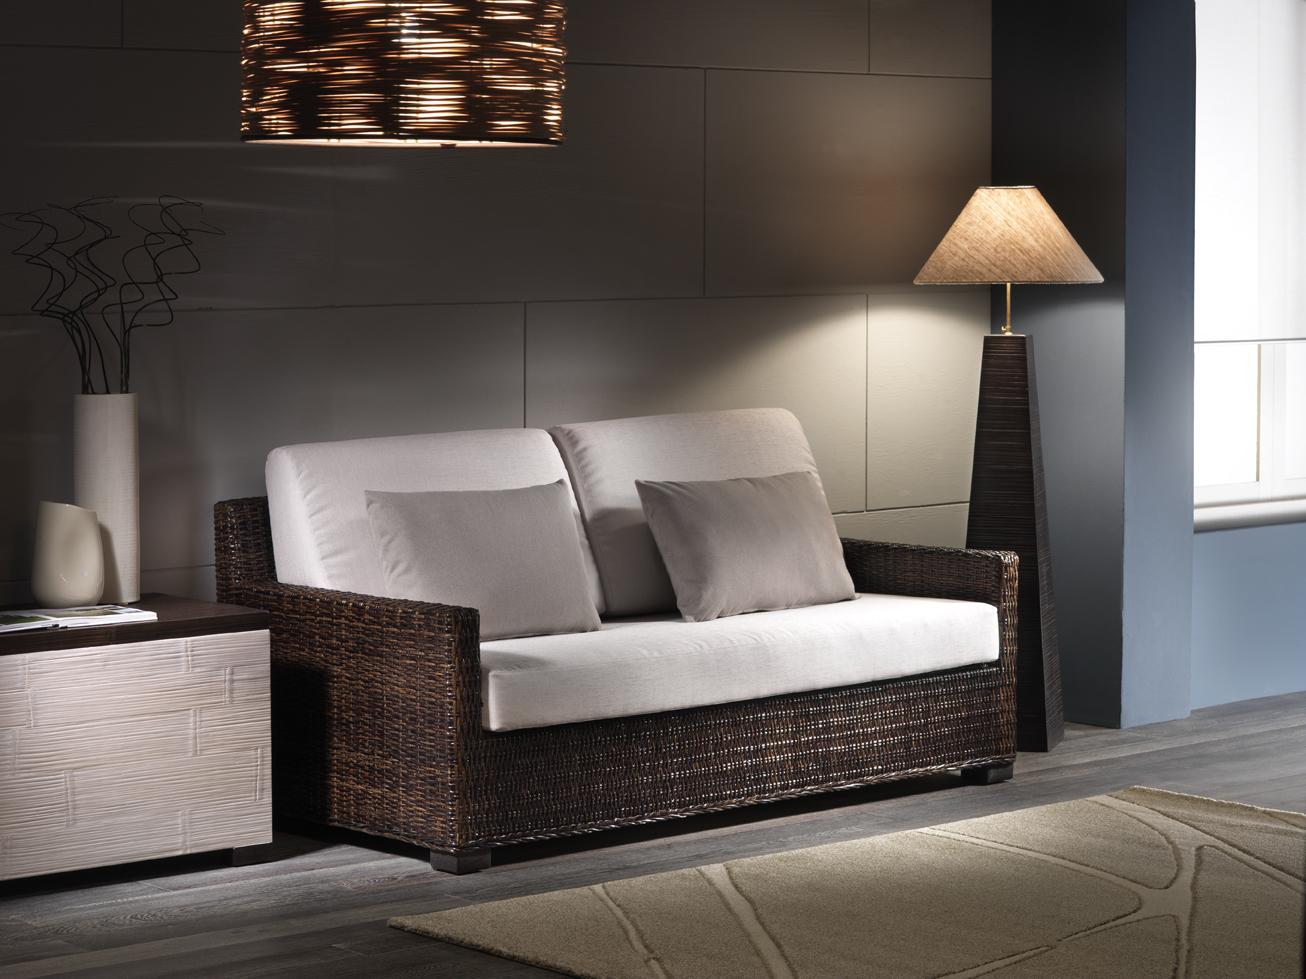 divano letto verano casa del bamb